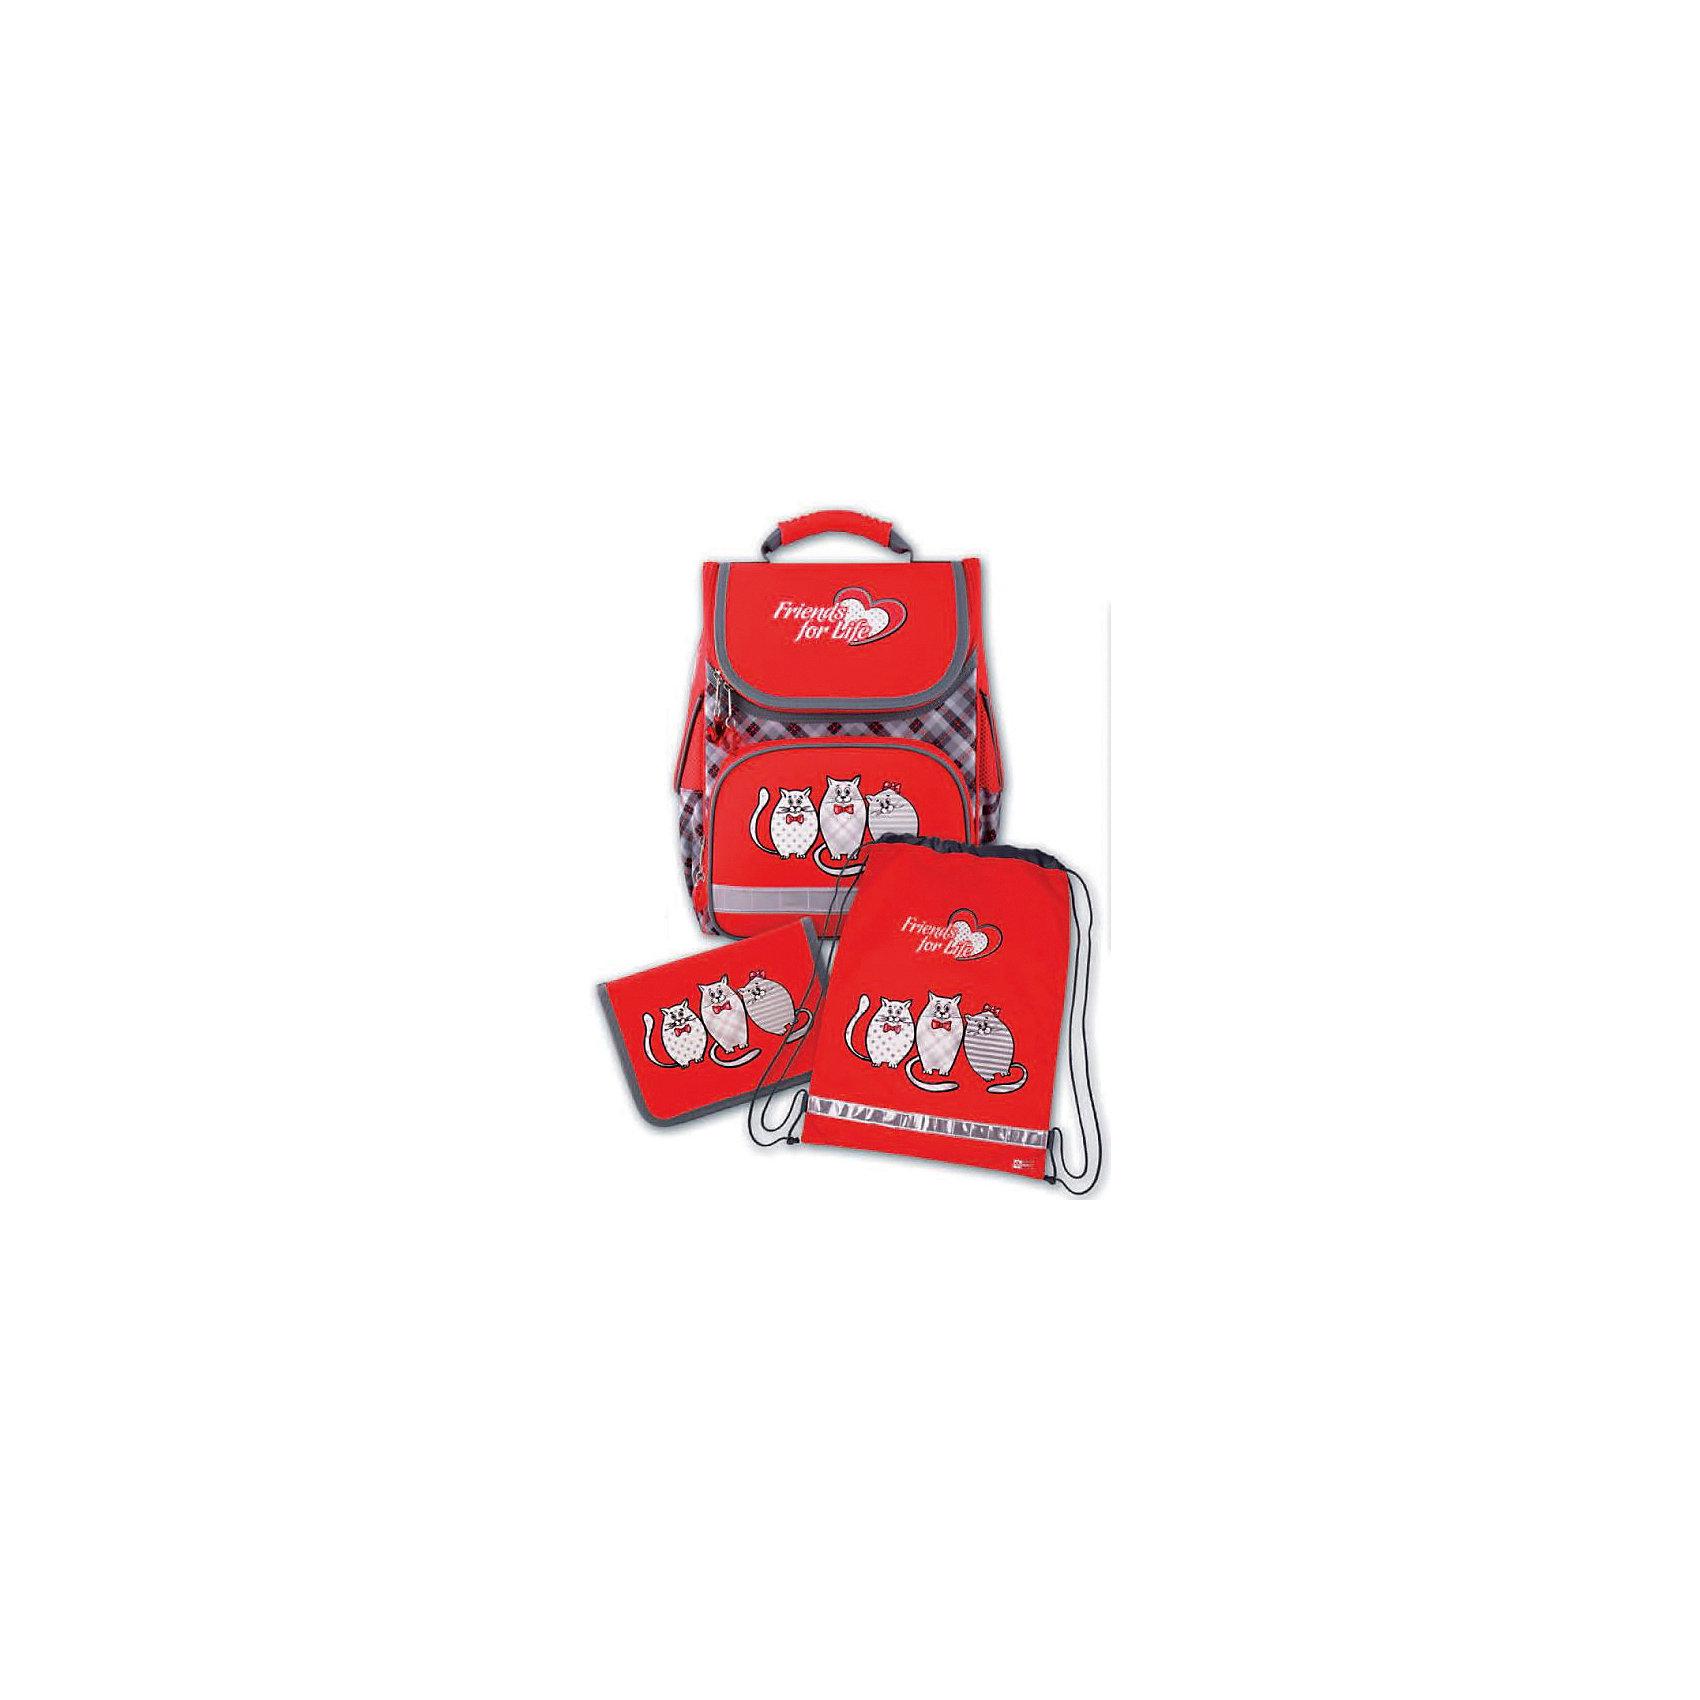 Набор для школьницы Три кота Феникс+Ранцы<br>Набор для школьницы ТРИ КОТА (ранец (полиэстер), пенал (без наполнения), мешок для обуви: (ранец: 35x26x15см,  пенал: 20x13.3x3.5см, мешок для обуви: 36x48см. Набор в подарочной картонной коробке с ПВХ-окном)<br><br>Ширина мм: 300<br>Глубина мм: 190<br>Высота мм: 370<br>Вес г: 1568<br>Возраст от месяцев: 72<br>Возраст до месяцев: 2147483647<br>Пол: Женский<br>Возраст: Детский<br>SKU: 7046258